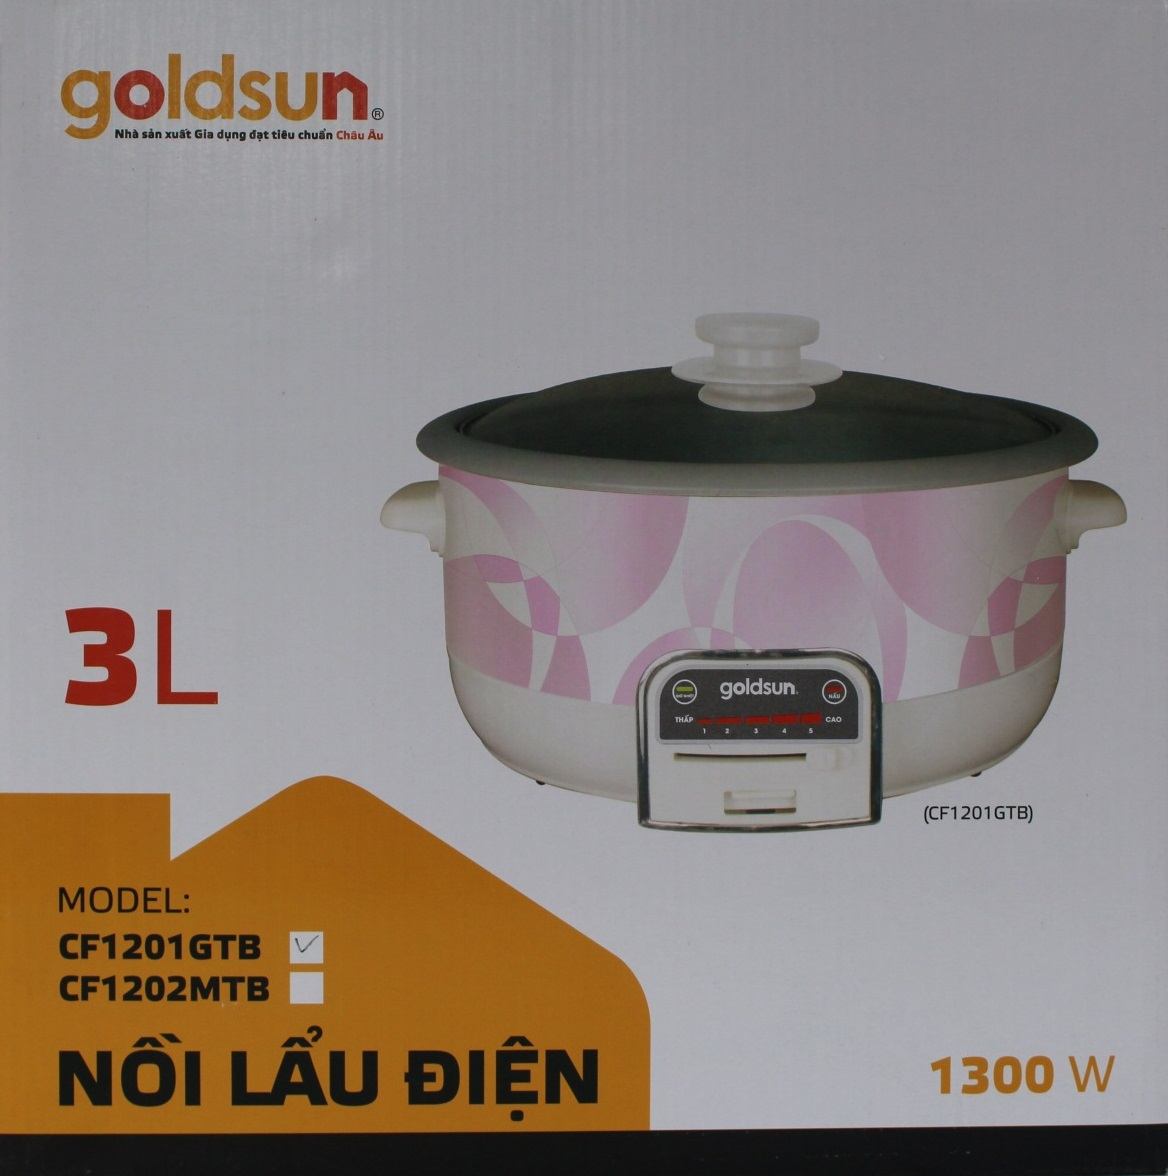 Nồi Lẩu Điện Goldsun CF1201GTB - Chính Hãng